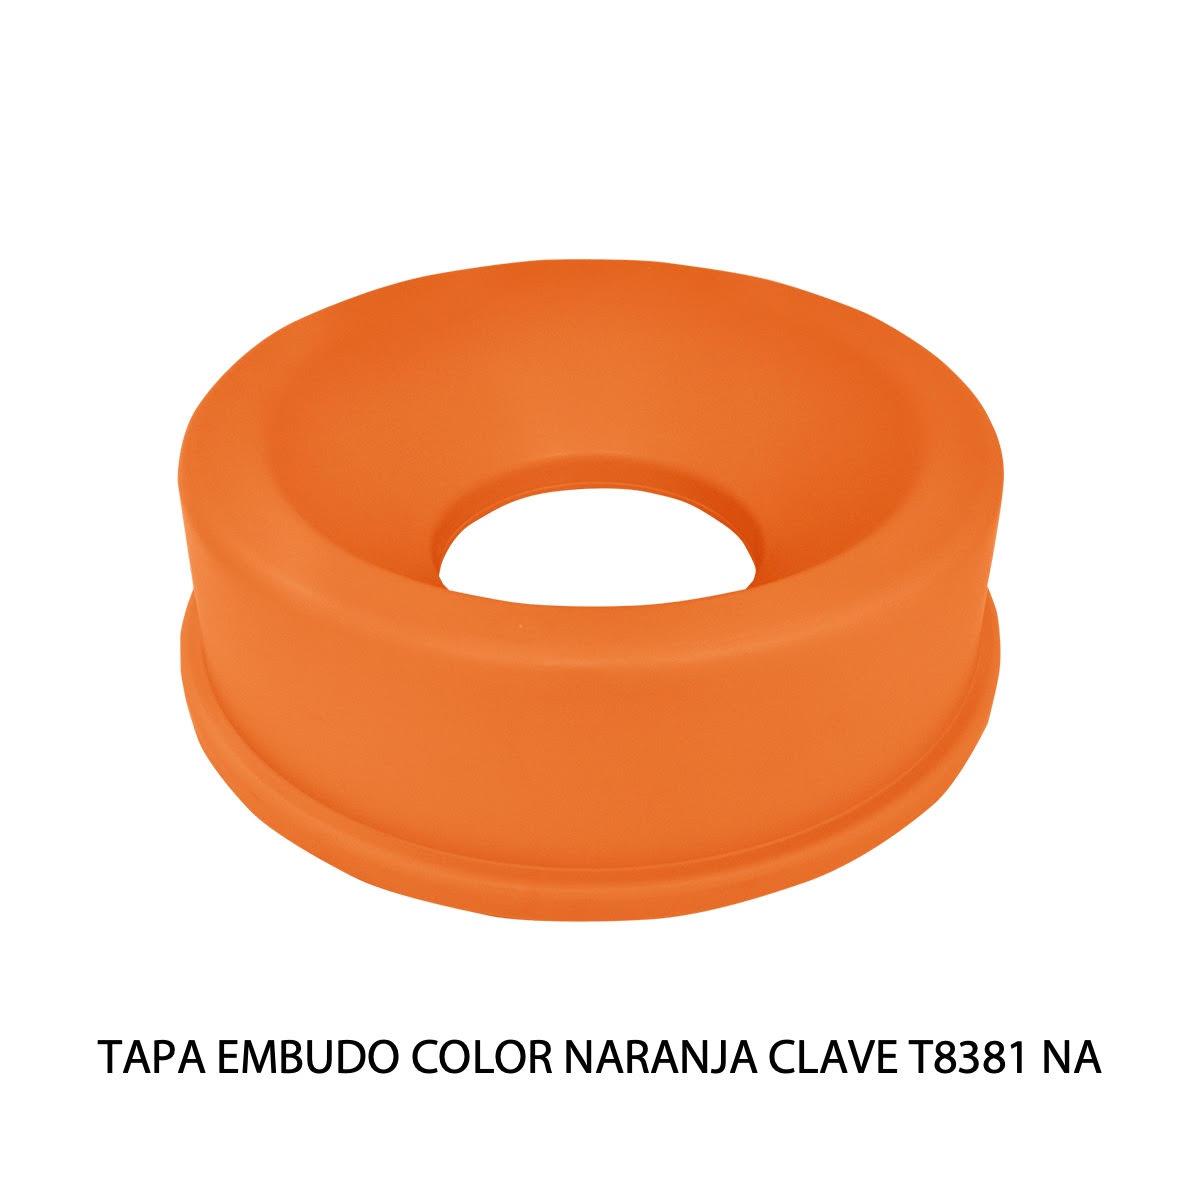 Tapa embudo color naranja clave T8381 NA de Sablón